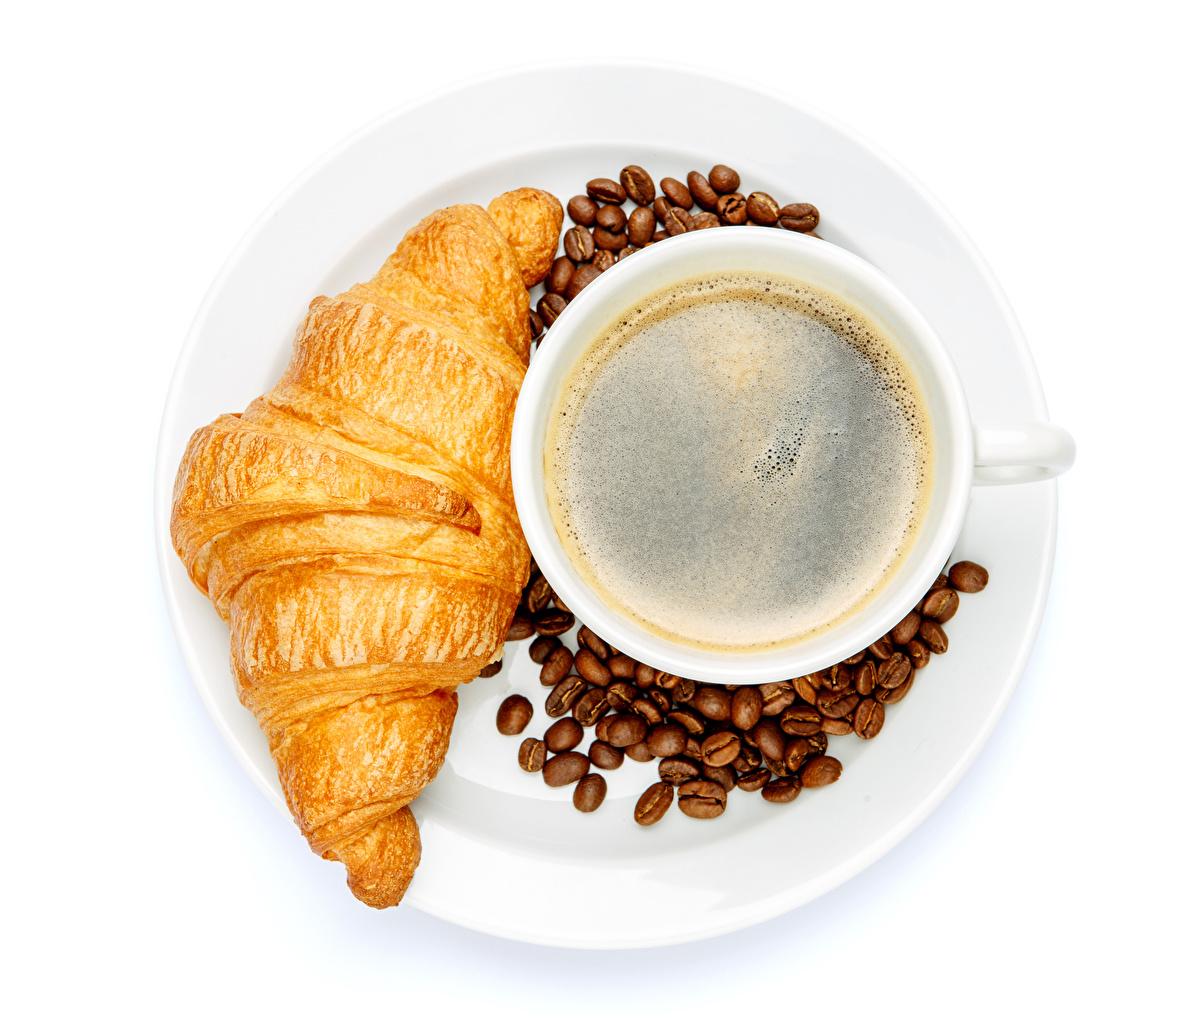 Desktop Hintergrundbilder Kaffee Croissant Cappuccino Getreide Tasse das Essen Weißer hintergrund Lebensmittel